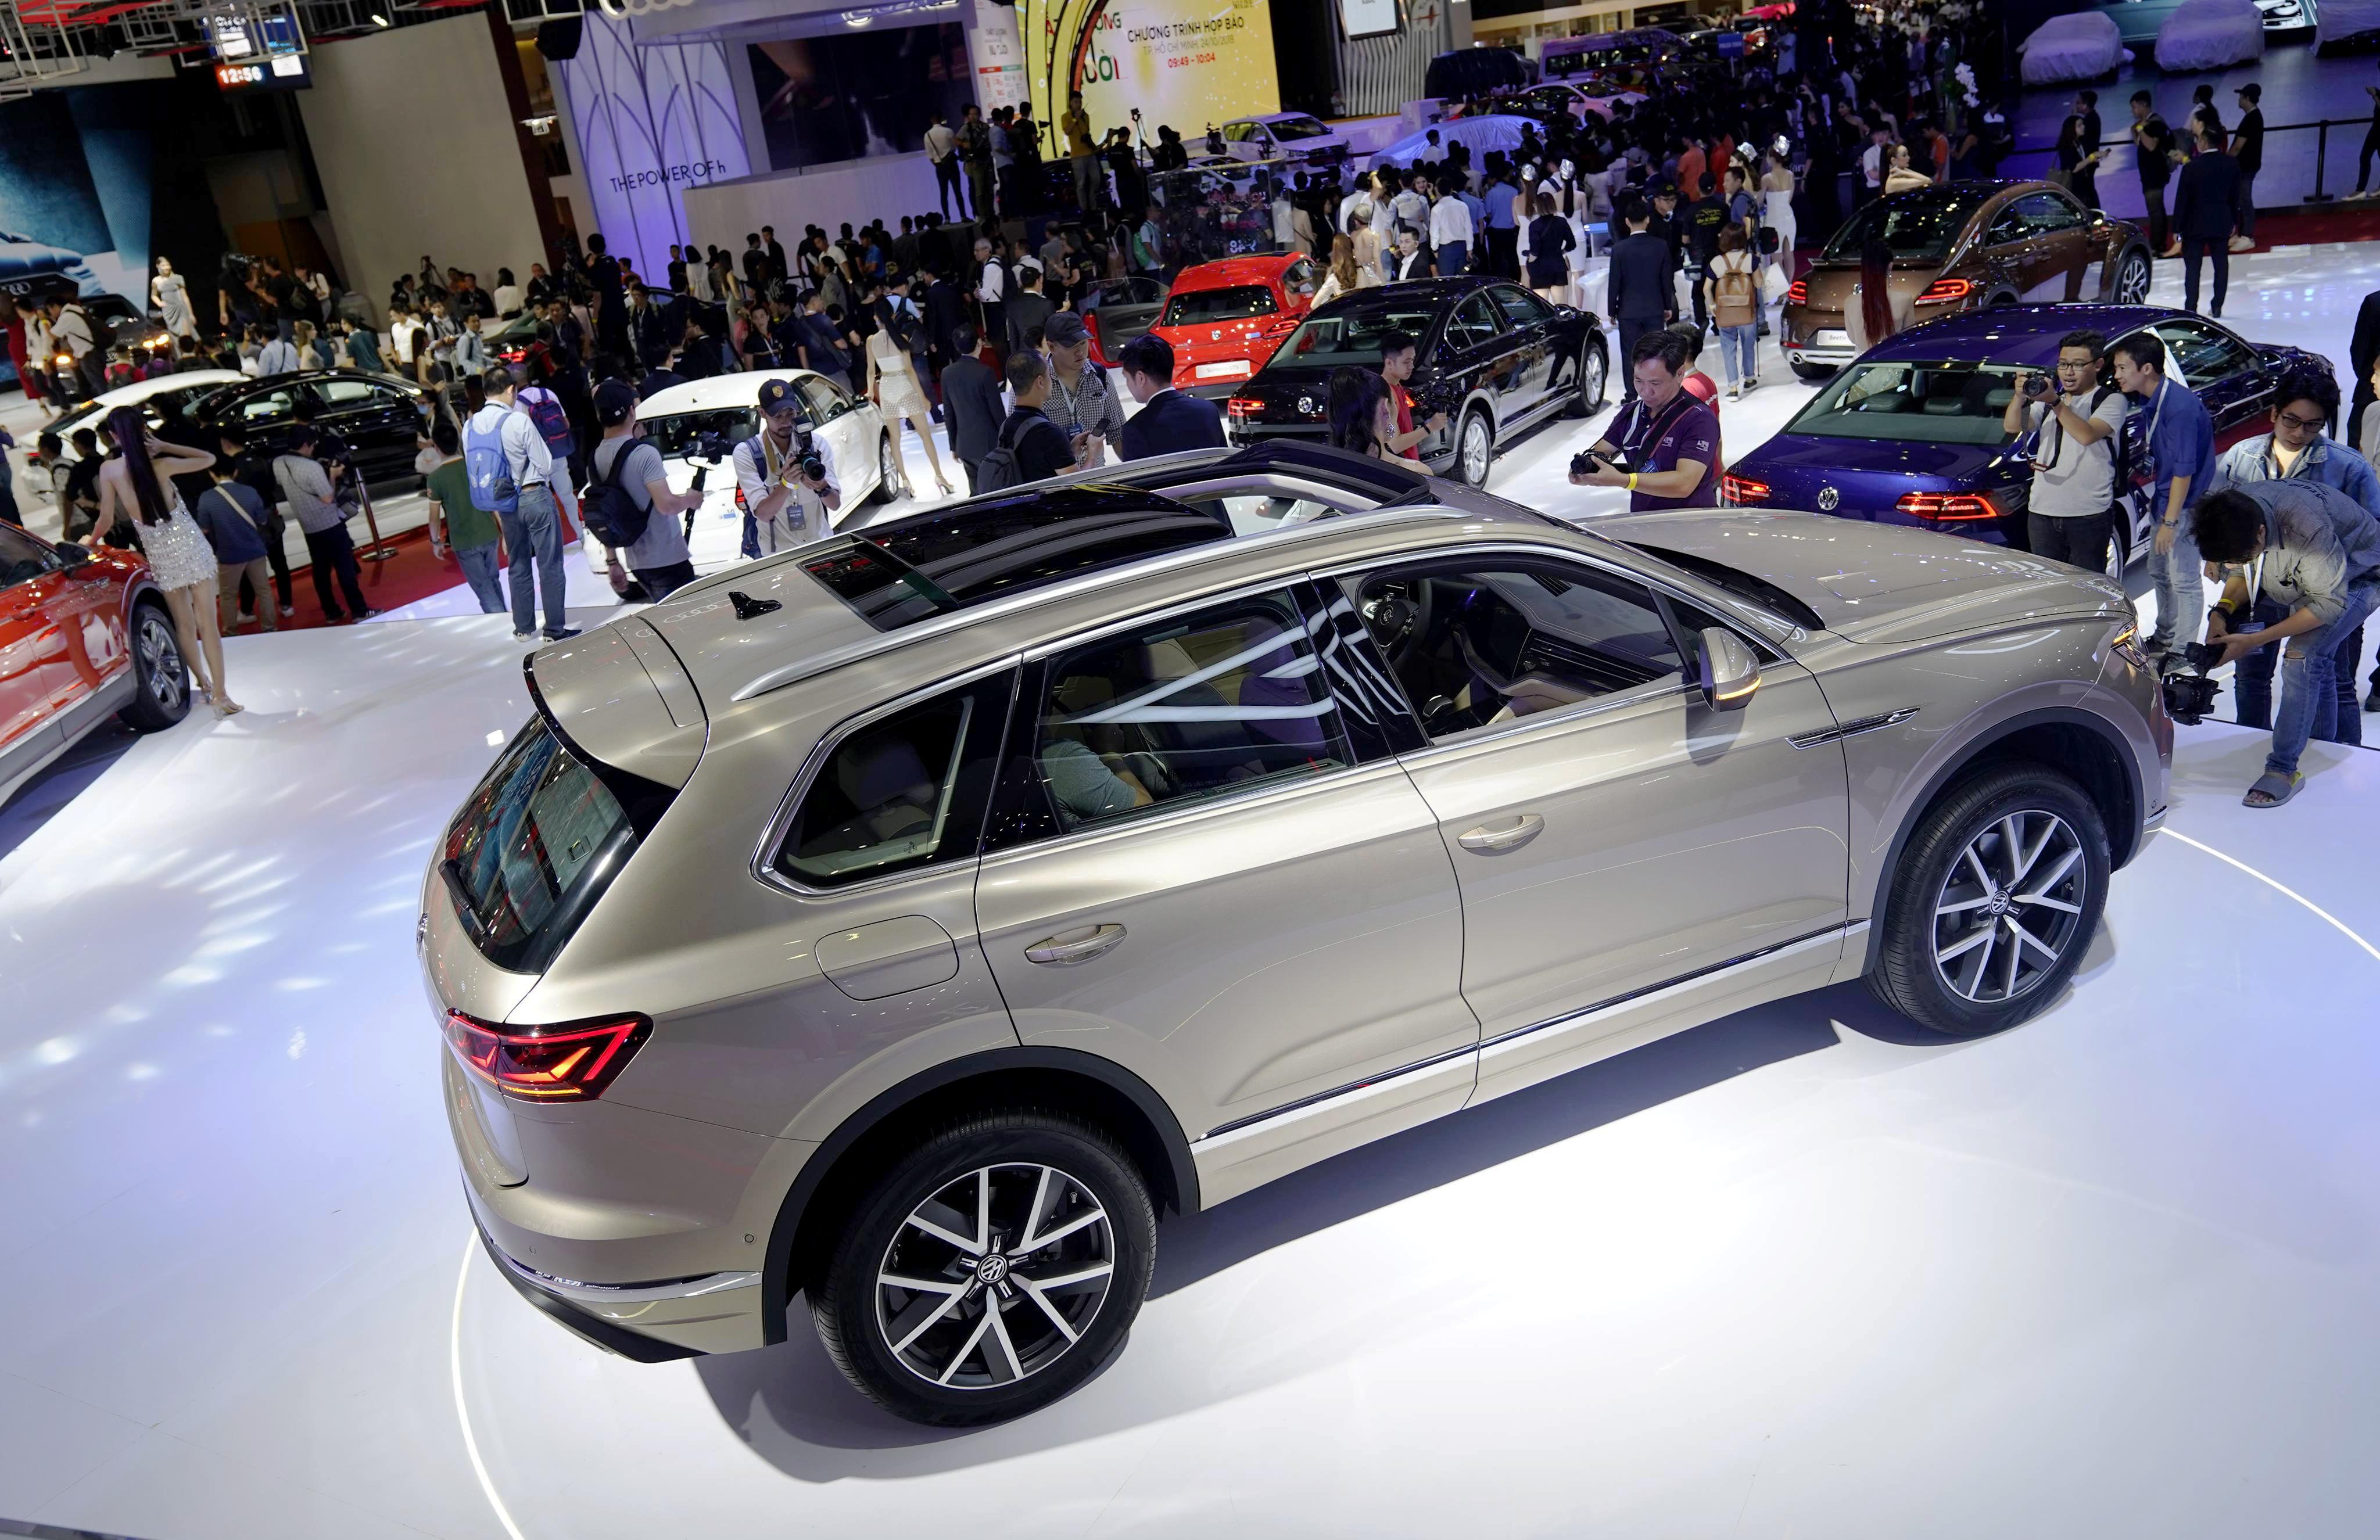 Mẫu SUV thế hệ mới có thiết kế hoàn toàn thay đổi so với các phiên bản trươ